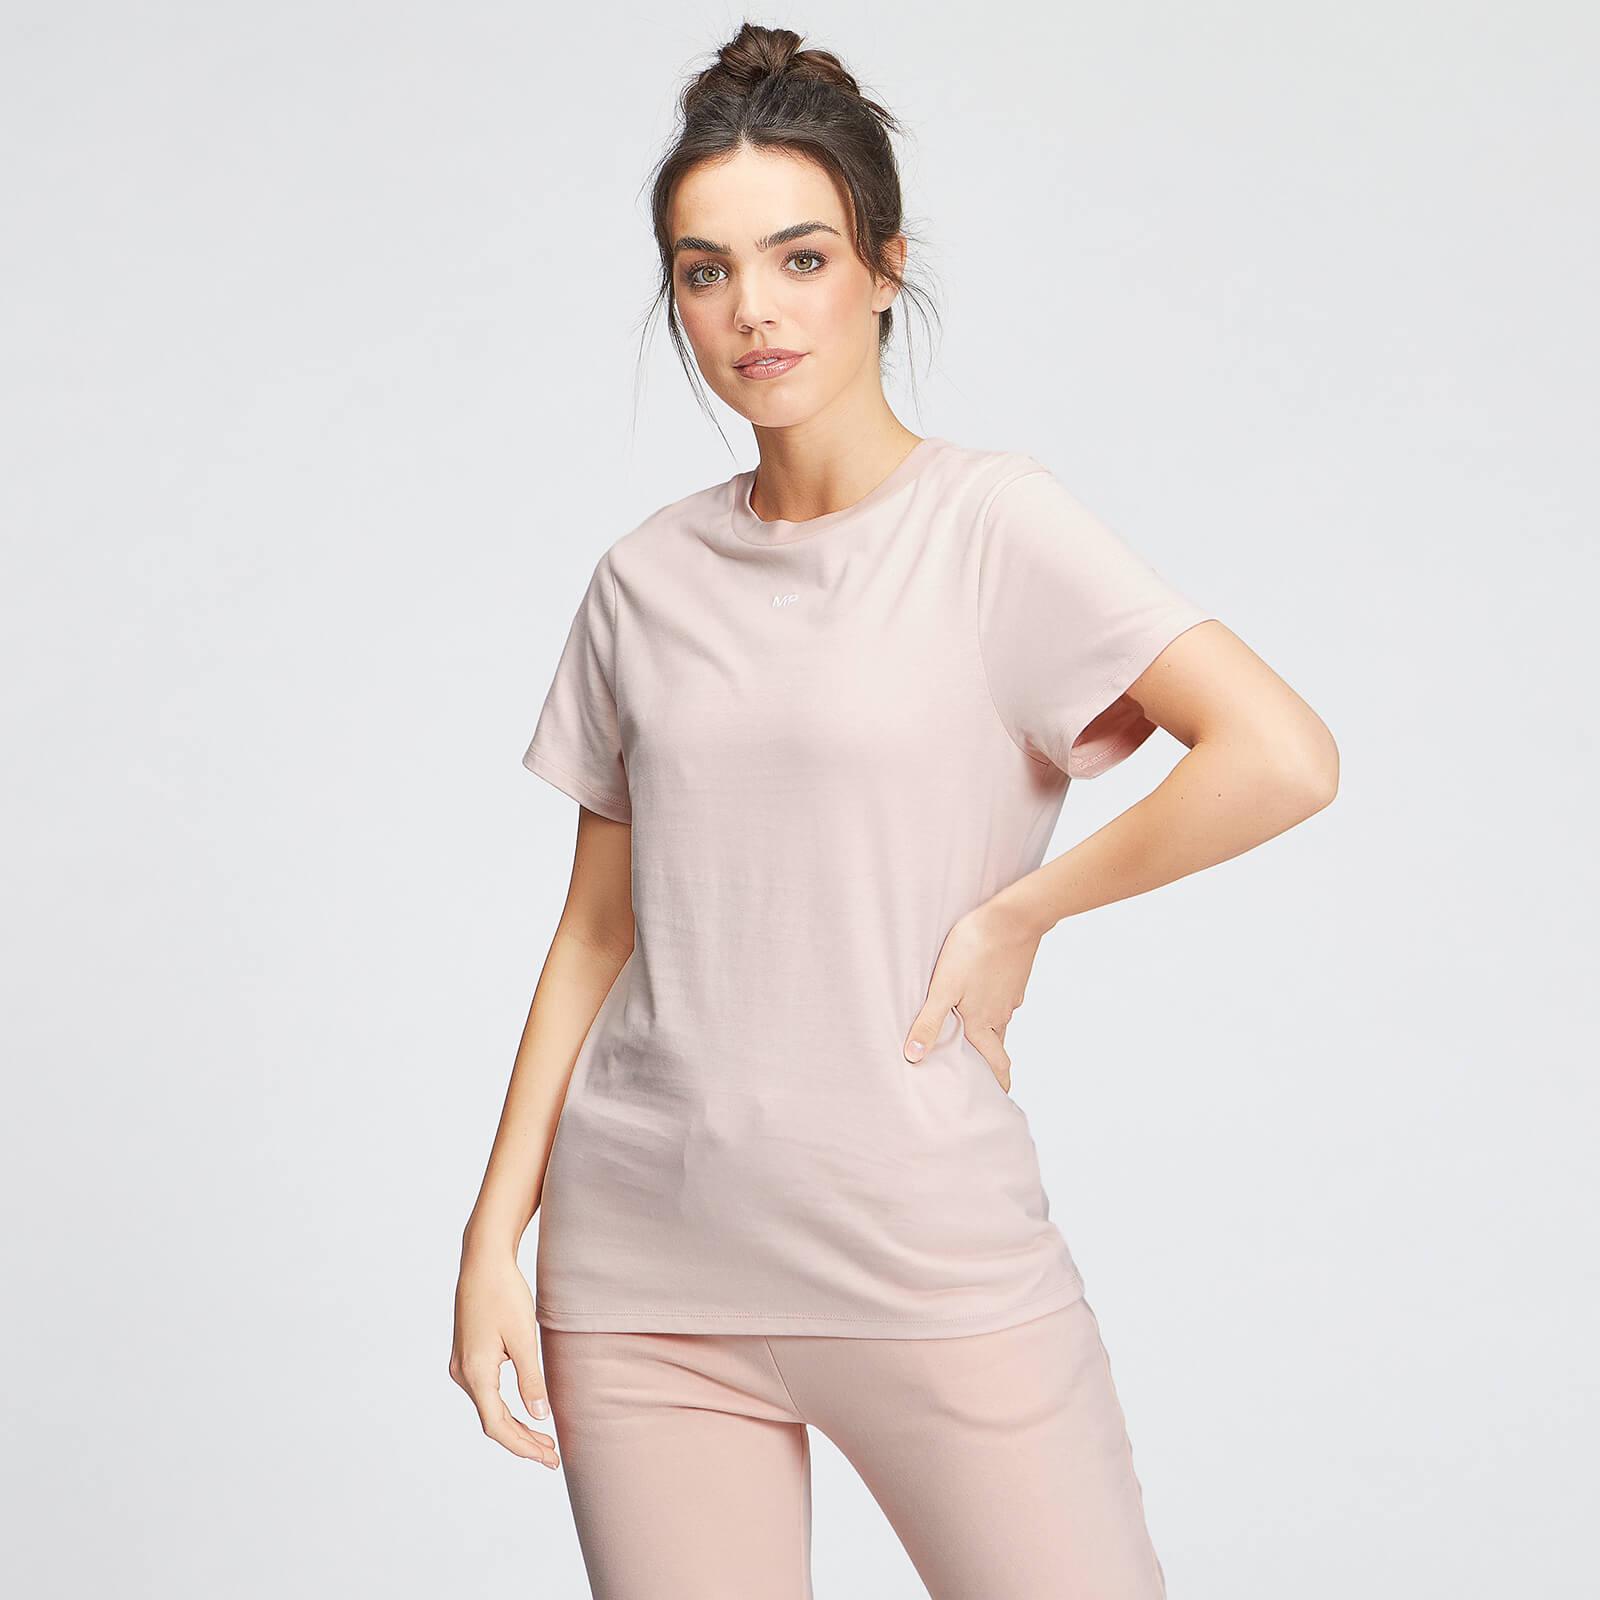 Купить MP Women's Essentials T-Shirt - Ight Pink - XXS, Myprotein International